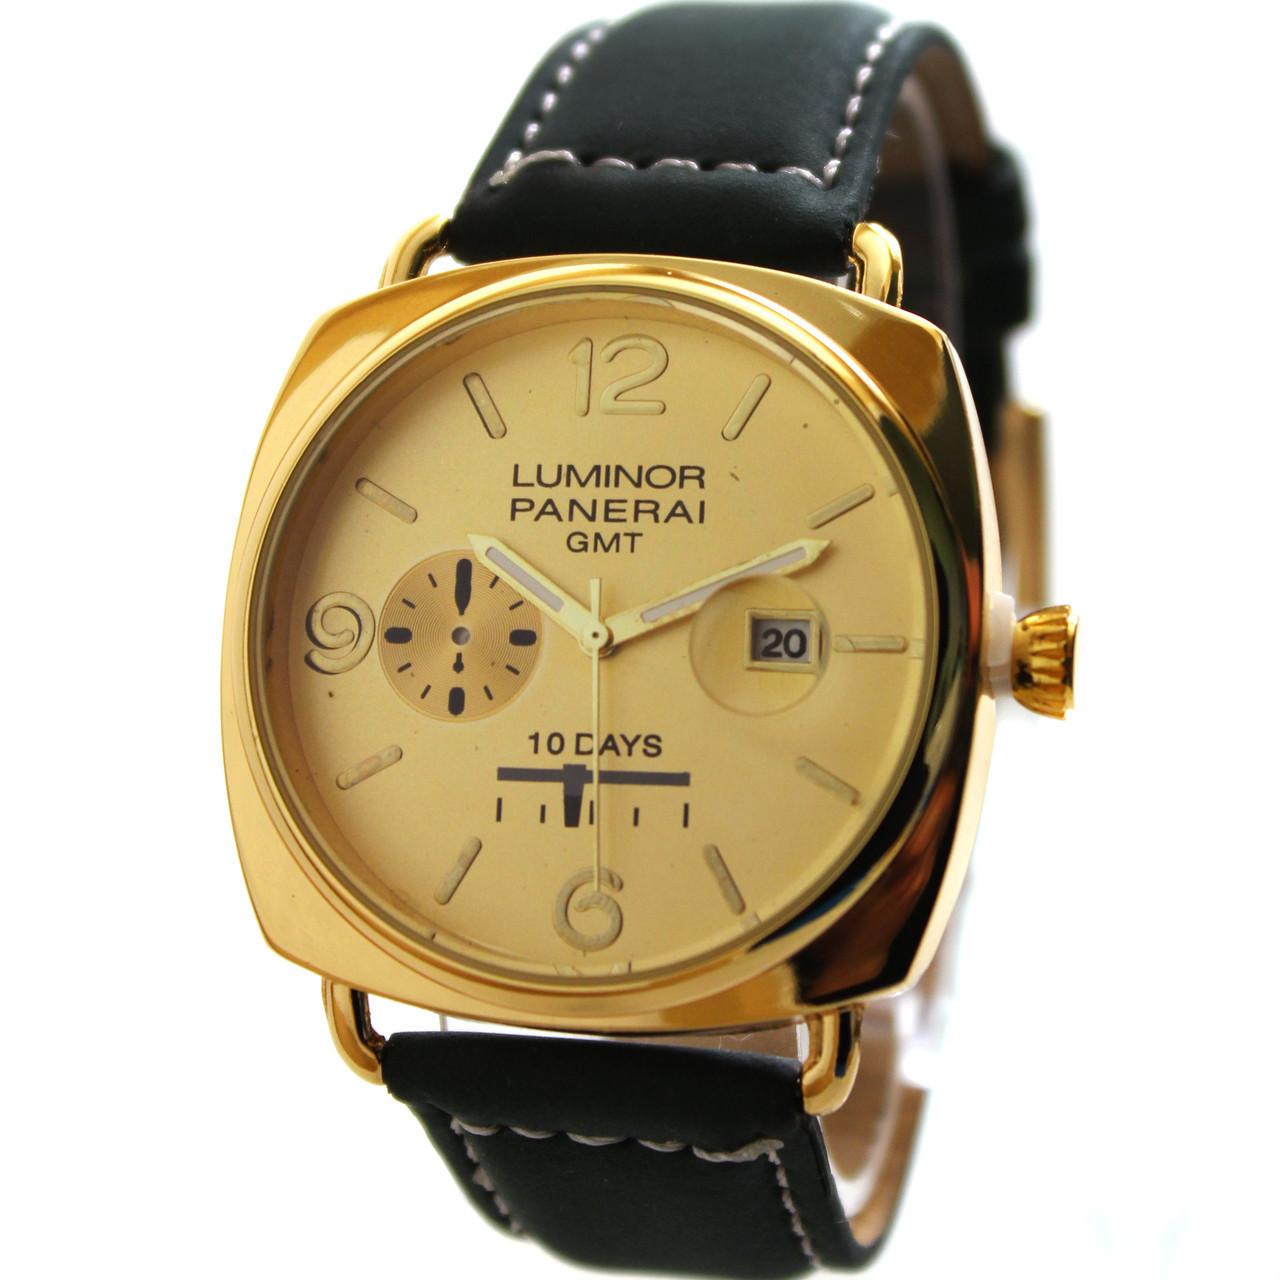 серия EXTRAVAGANZA часы luminor panerai цена украина категорией кожаных запахов